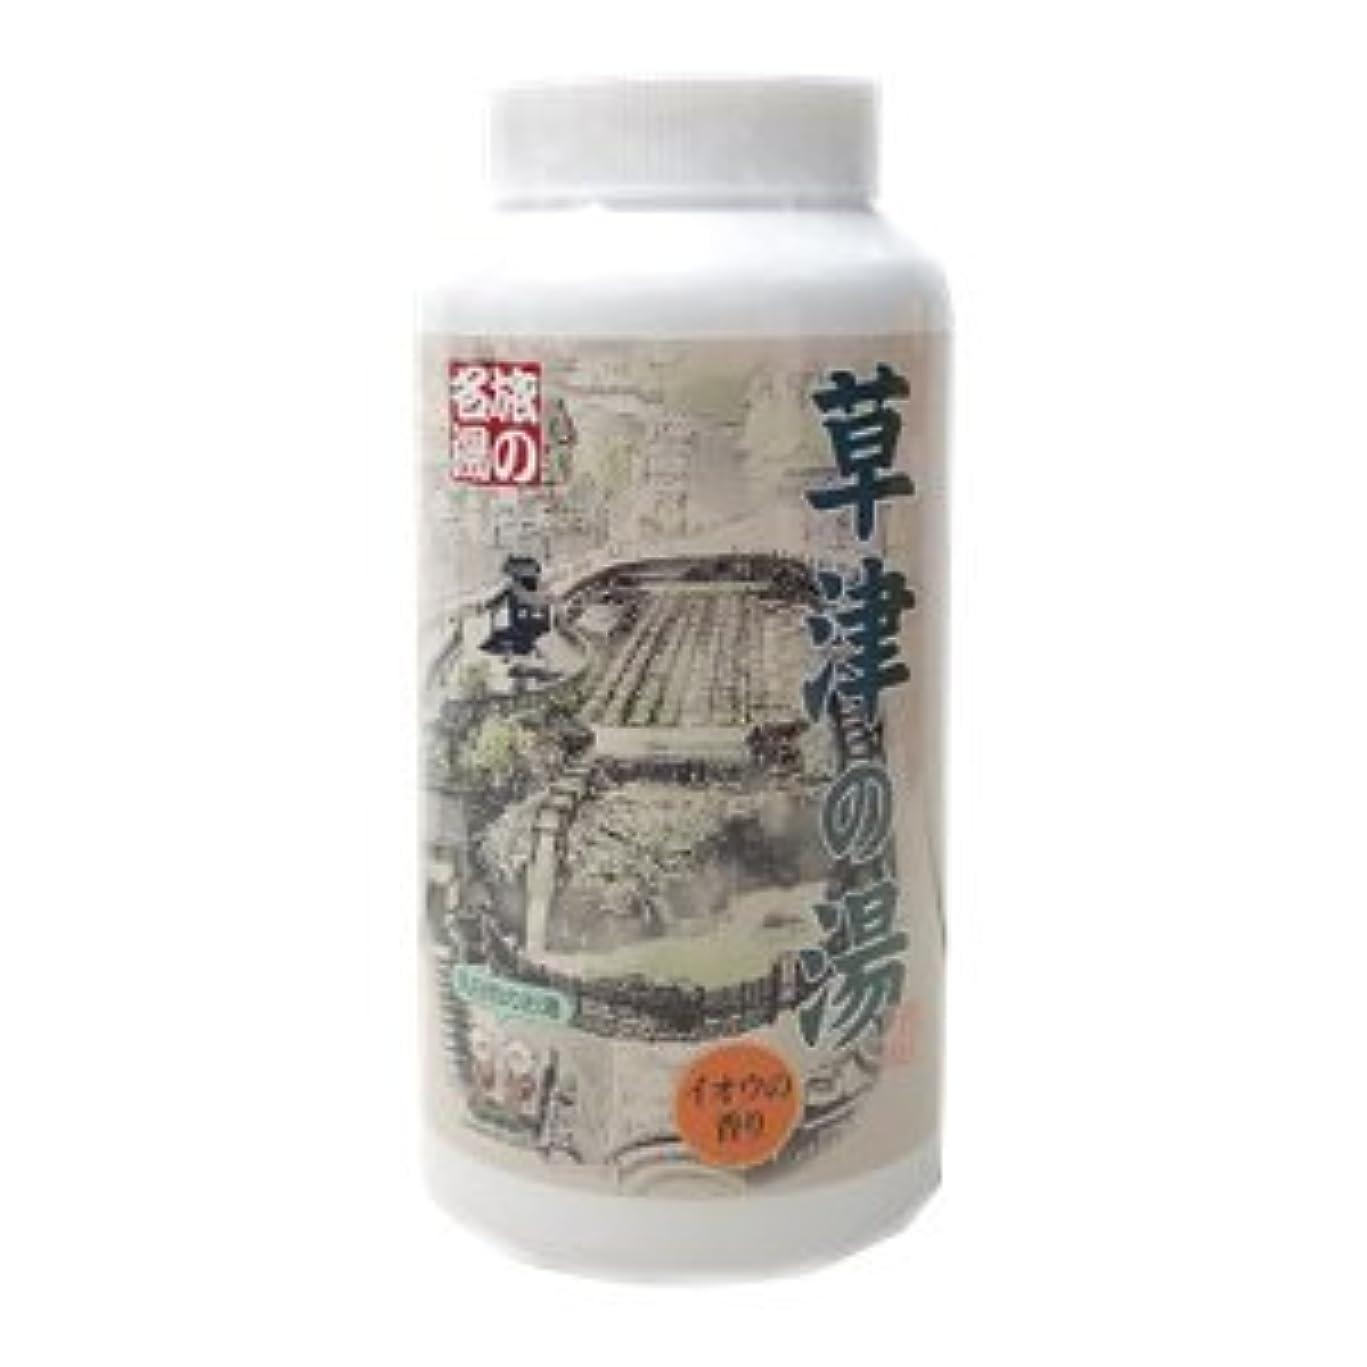 草津の湯入浴剤 『イオウの香り』 乳白色のお湯 500g 20回分